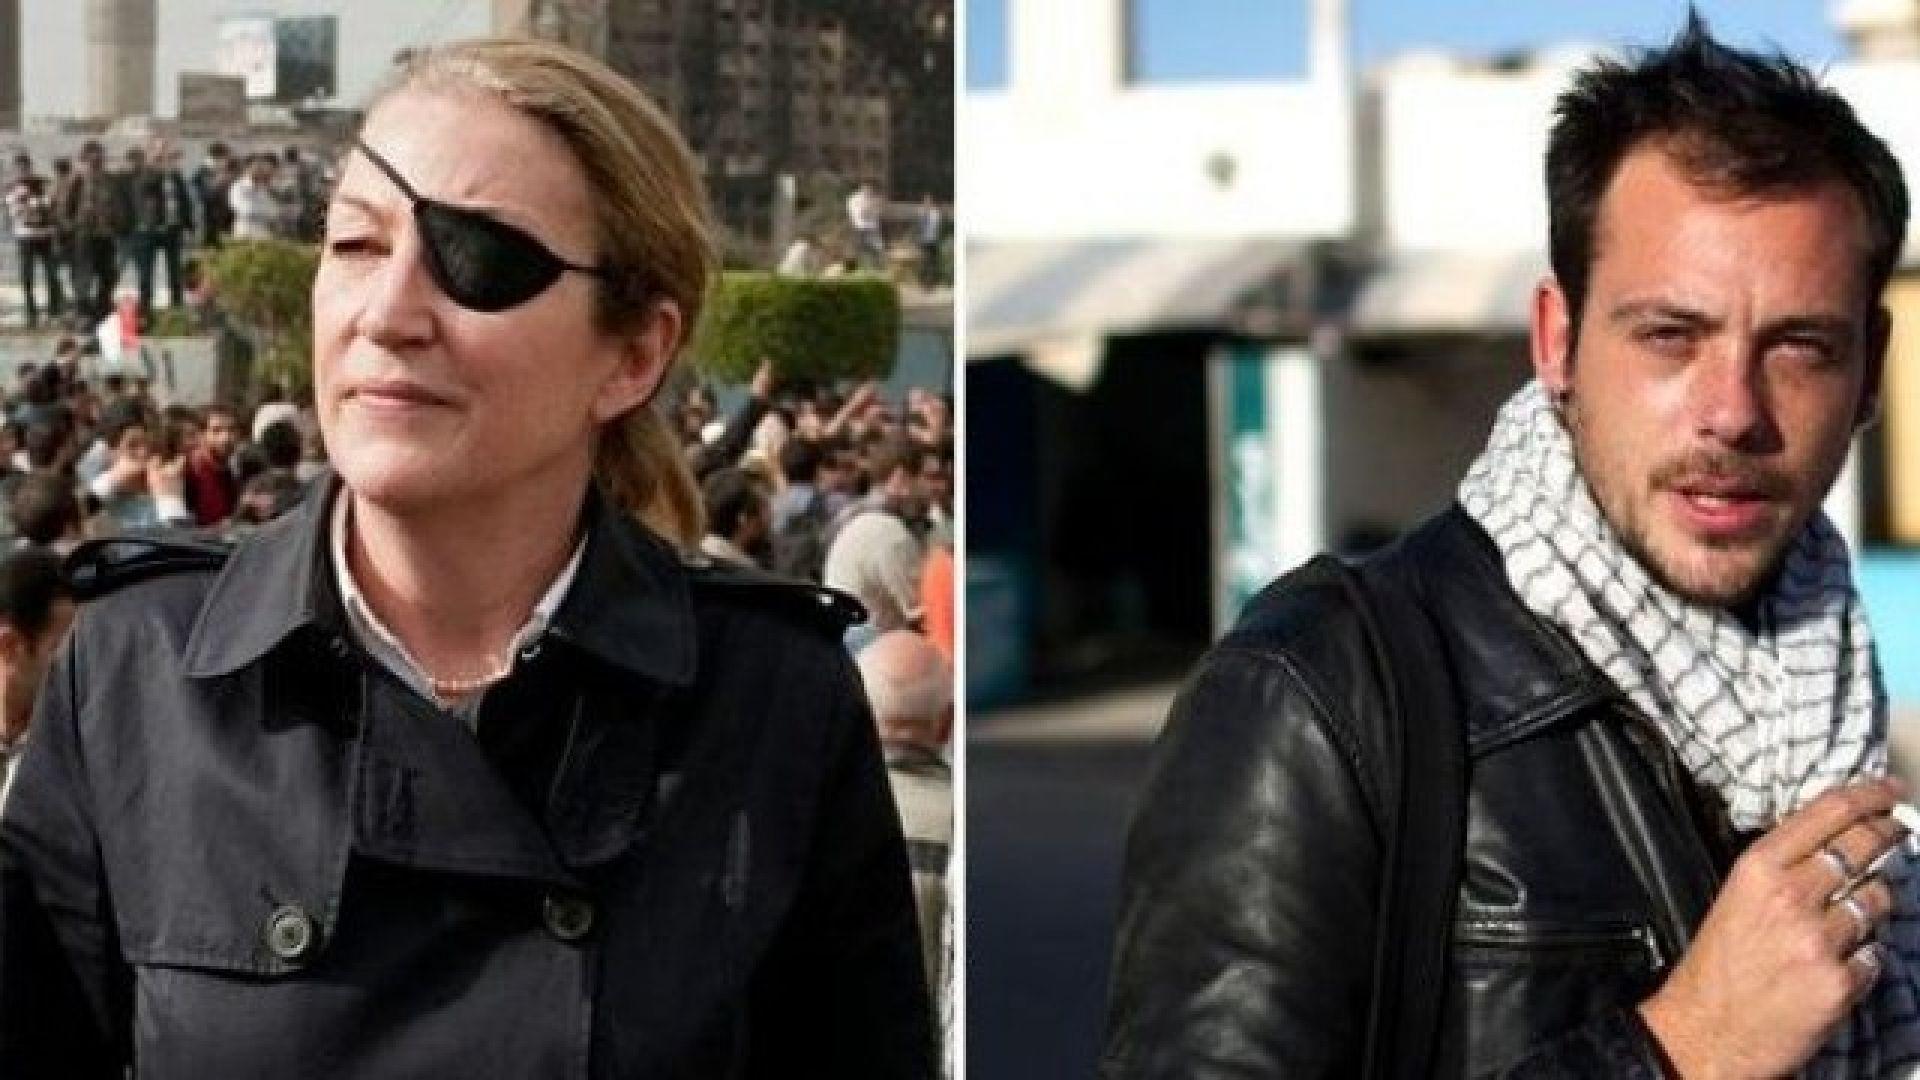 $300 млн. трябва да плати Сирия за убийството на журналистката Мари Колвин